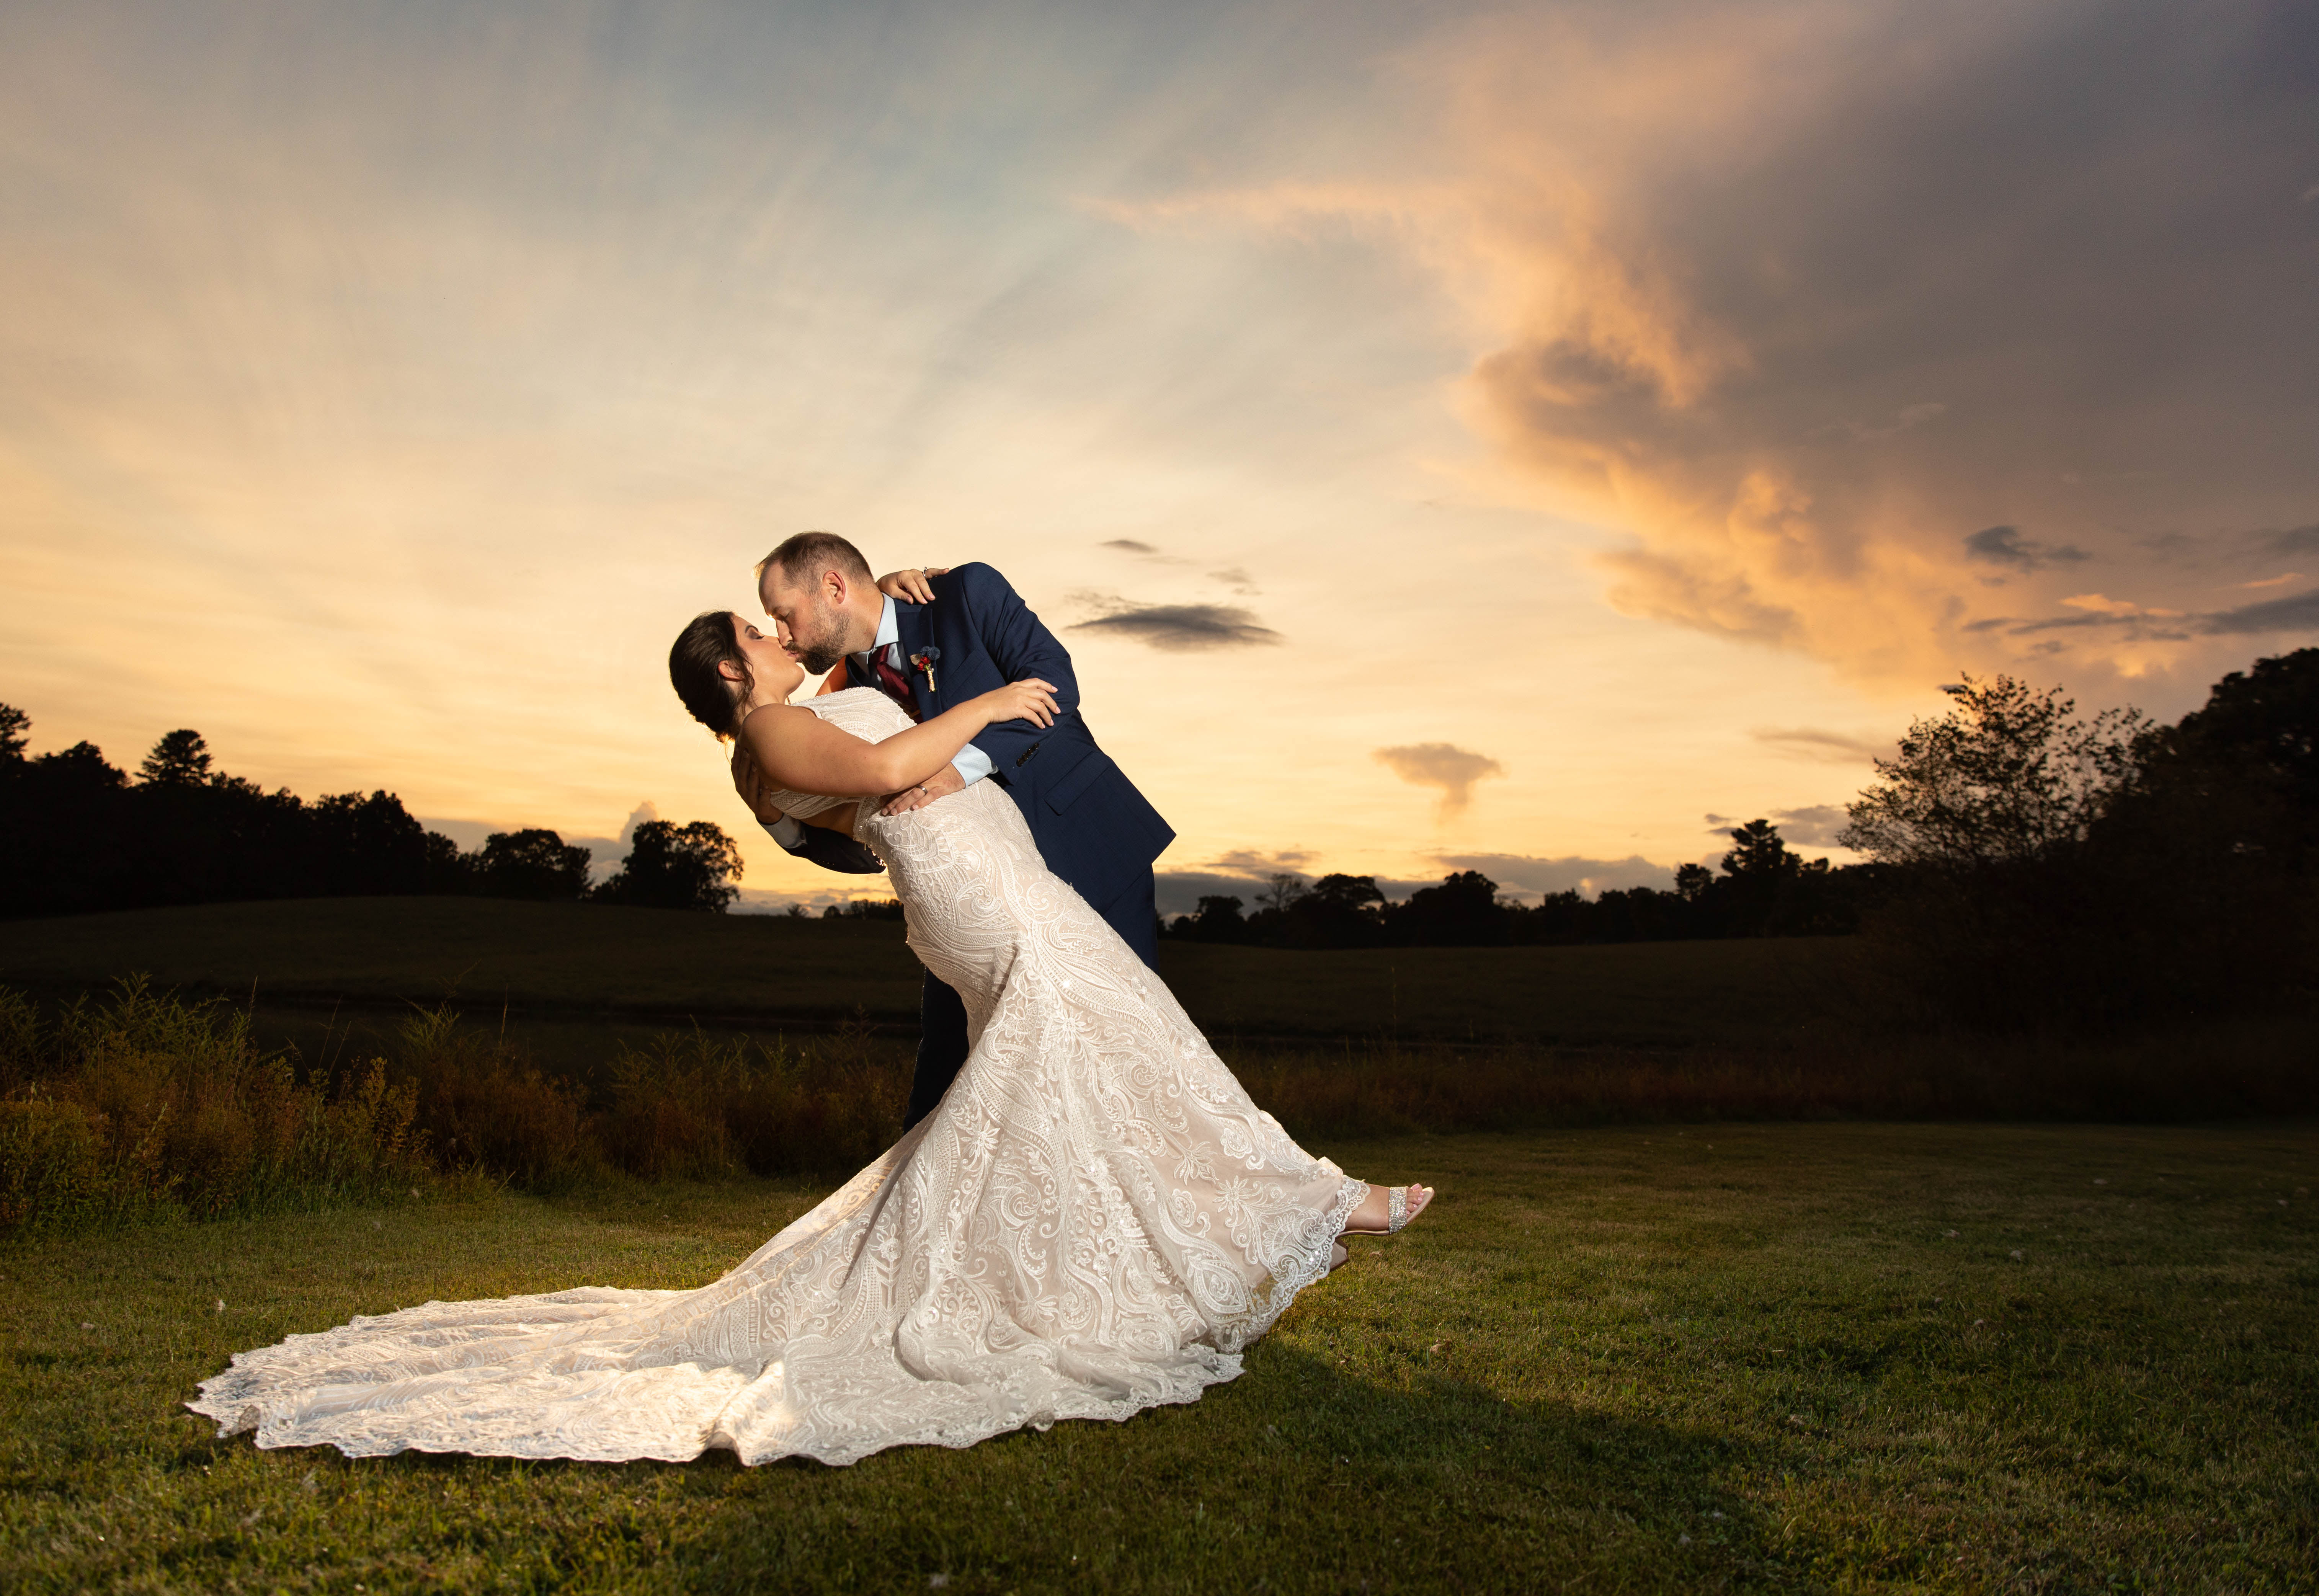 sunset wedding at taylor ranch